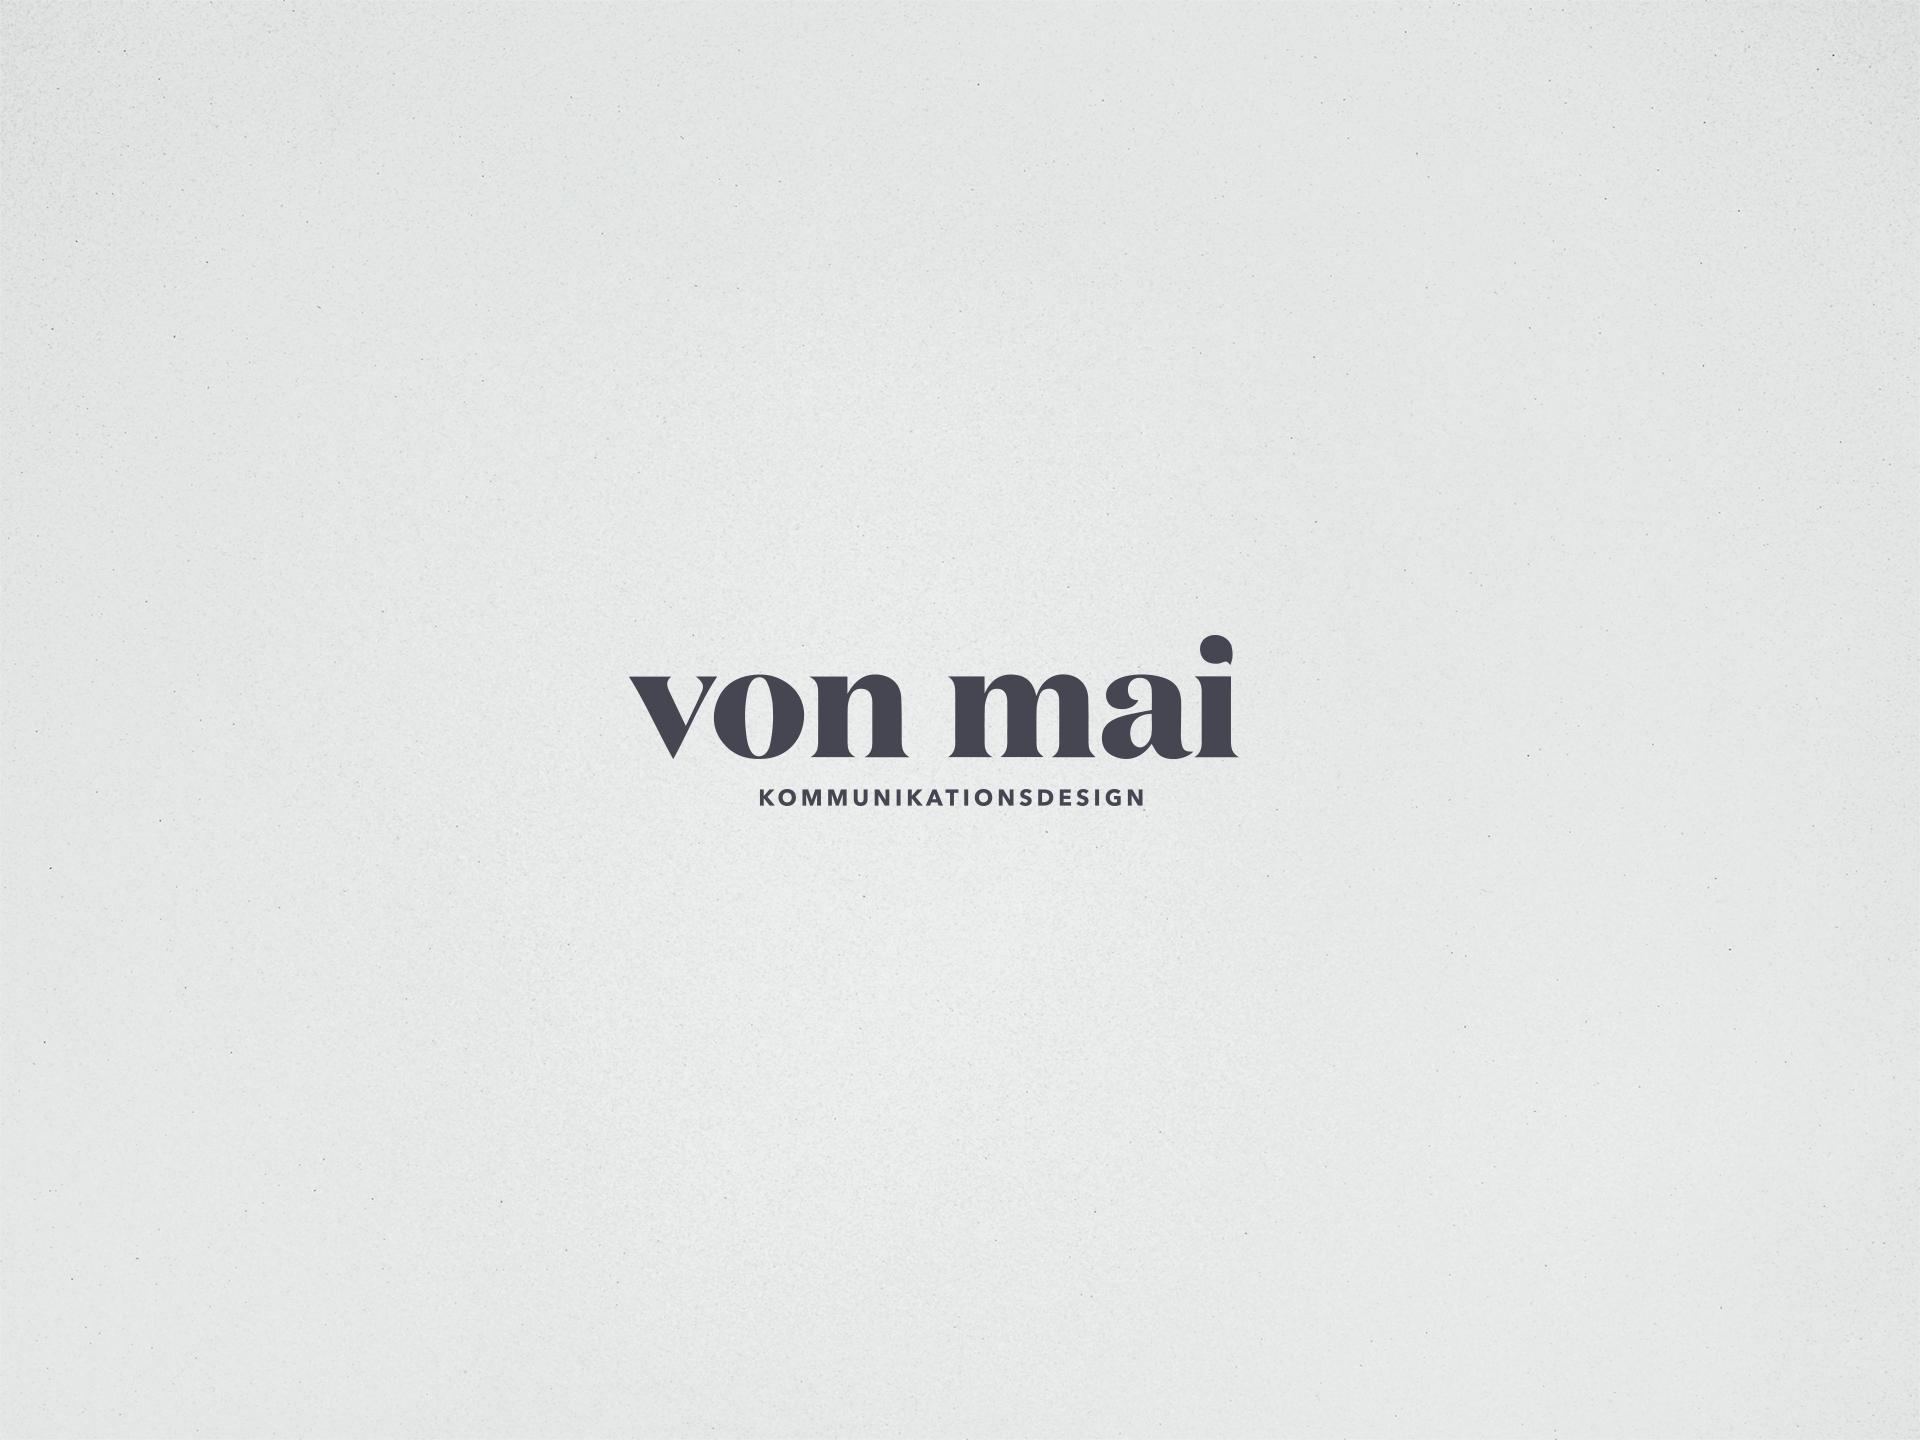 Sabrina_Mairinger_vonmai